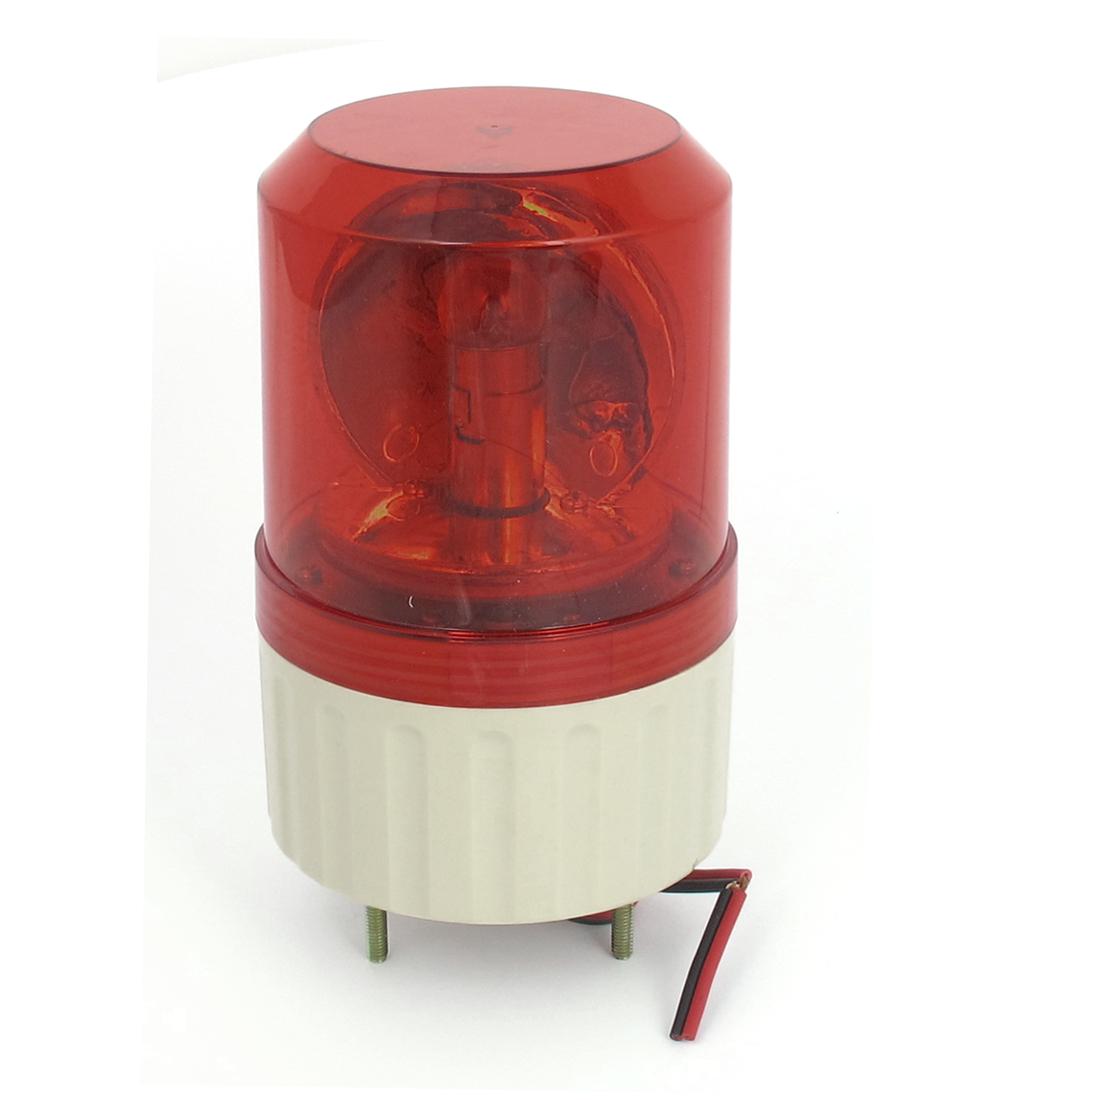 AC 220V Industrial Alarm System Rotating Warning Light Lamp Red